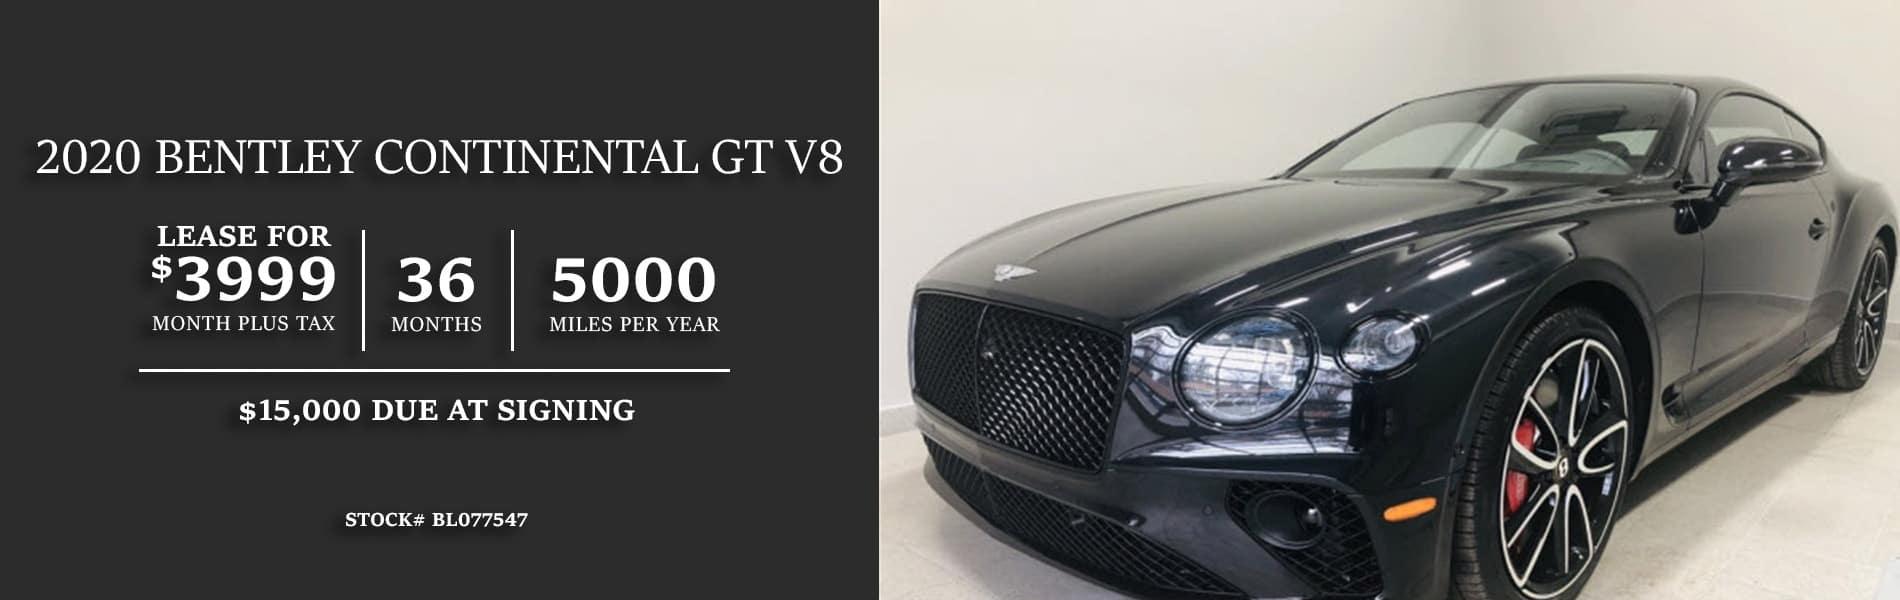 1 -2020 Bently GT V8